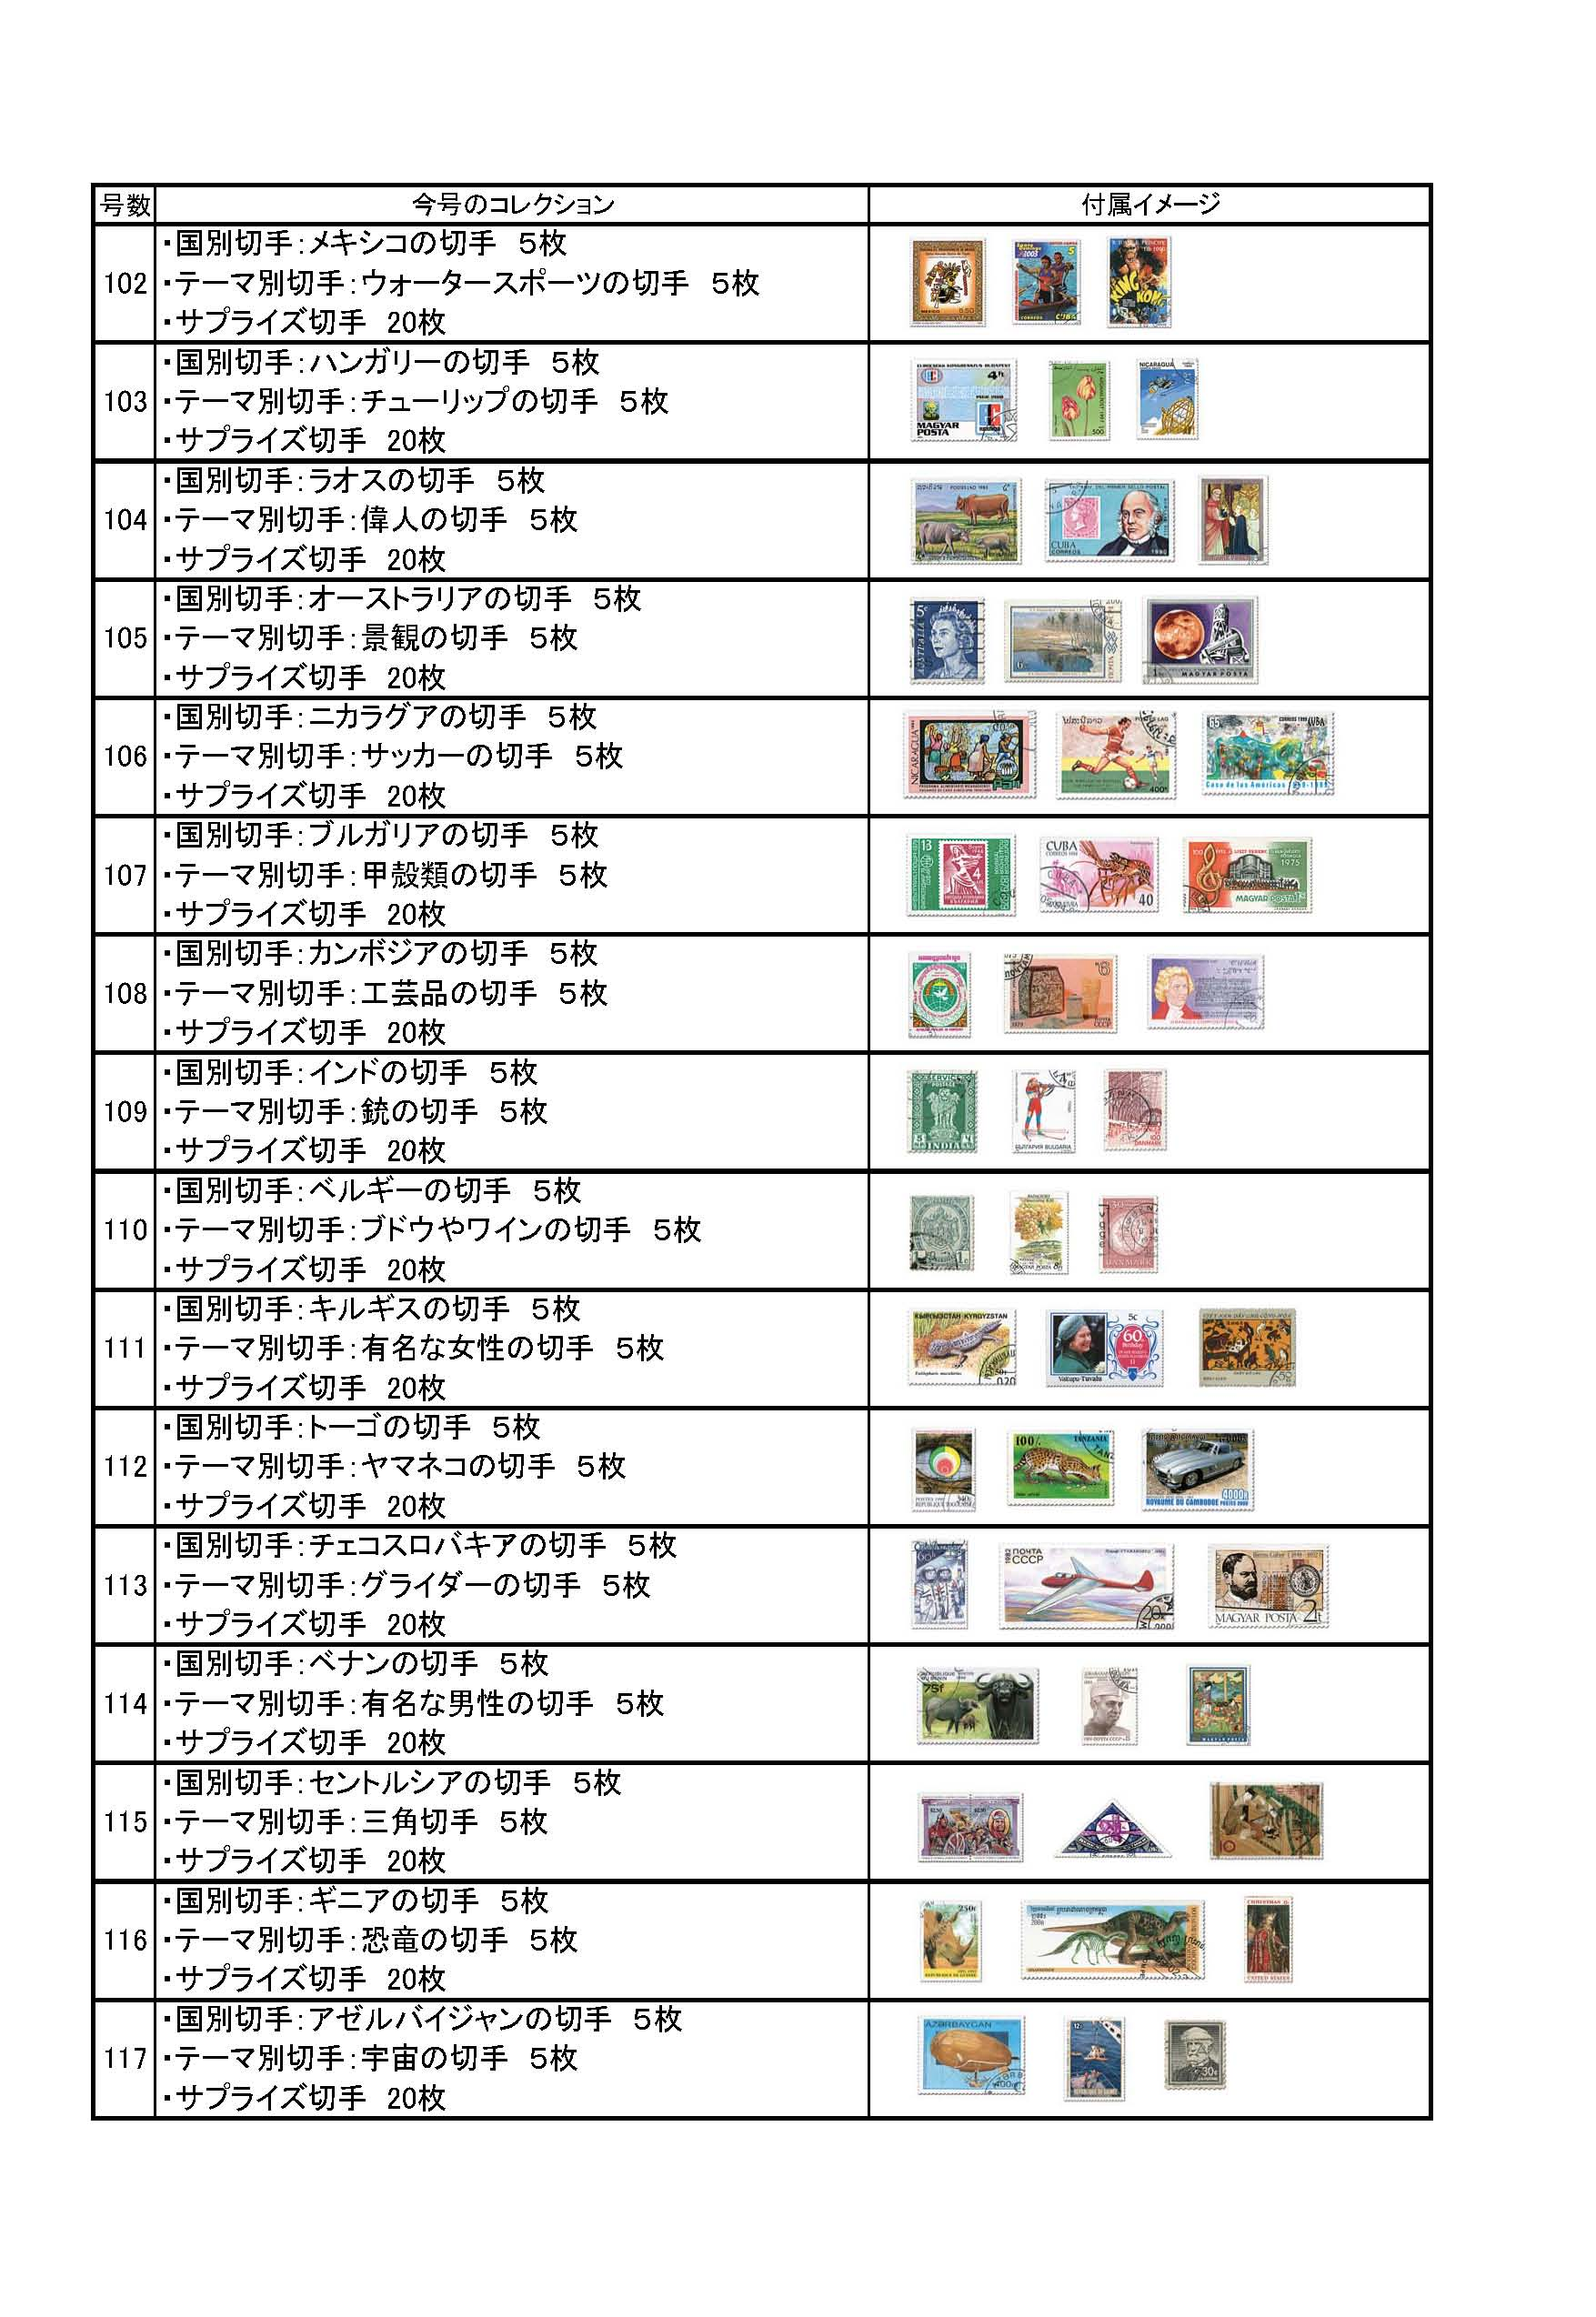 付属切手ラインナップ_20170817 (1)_ページ_08.jpg